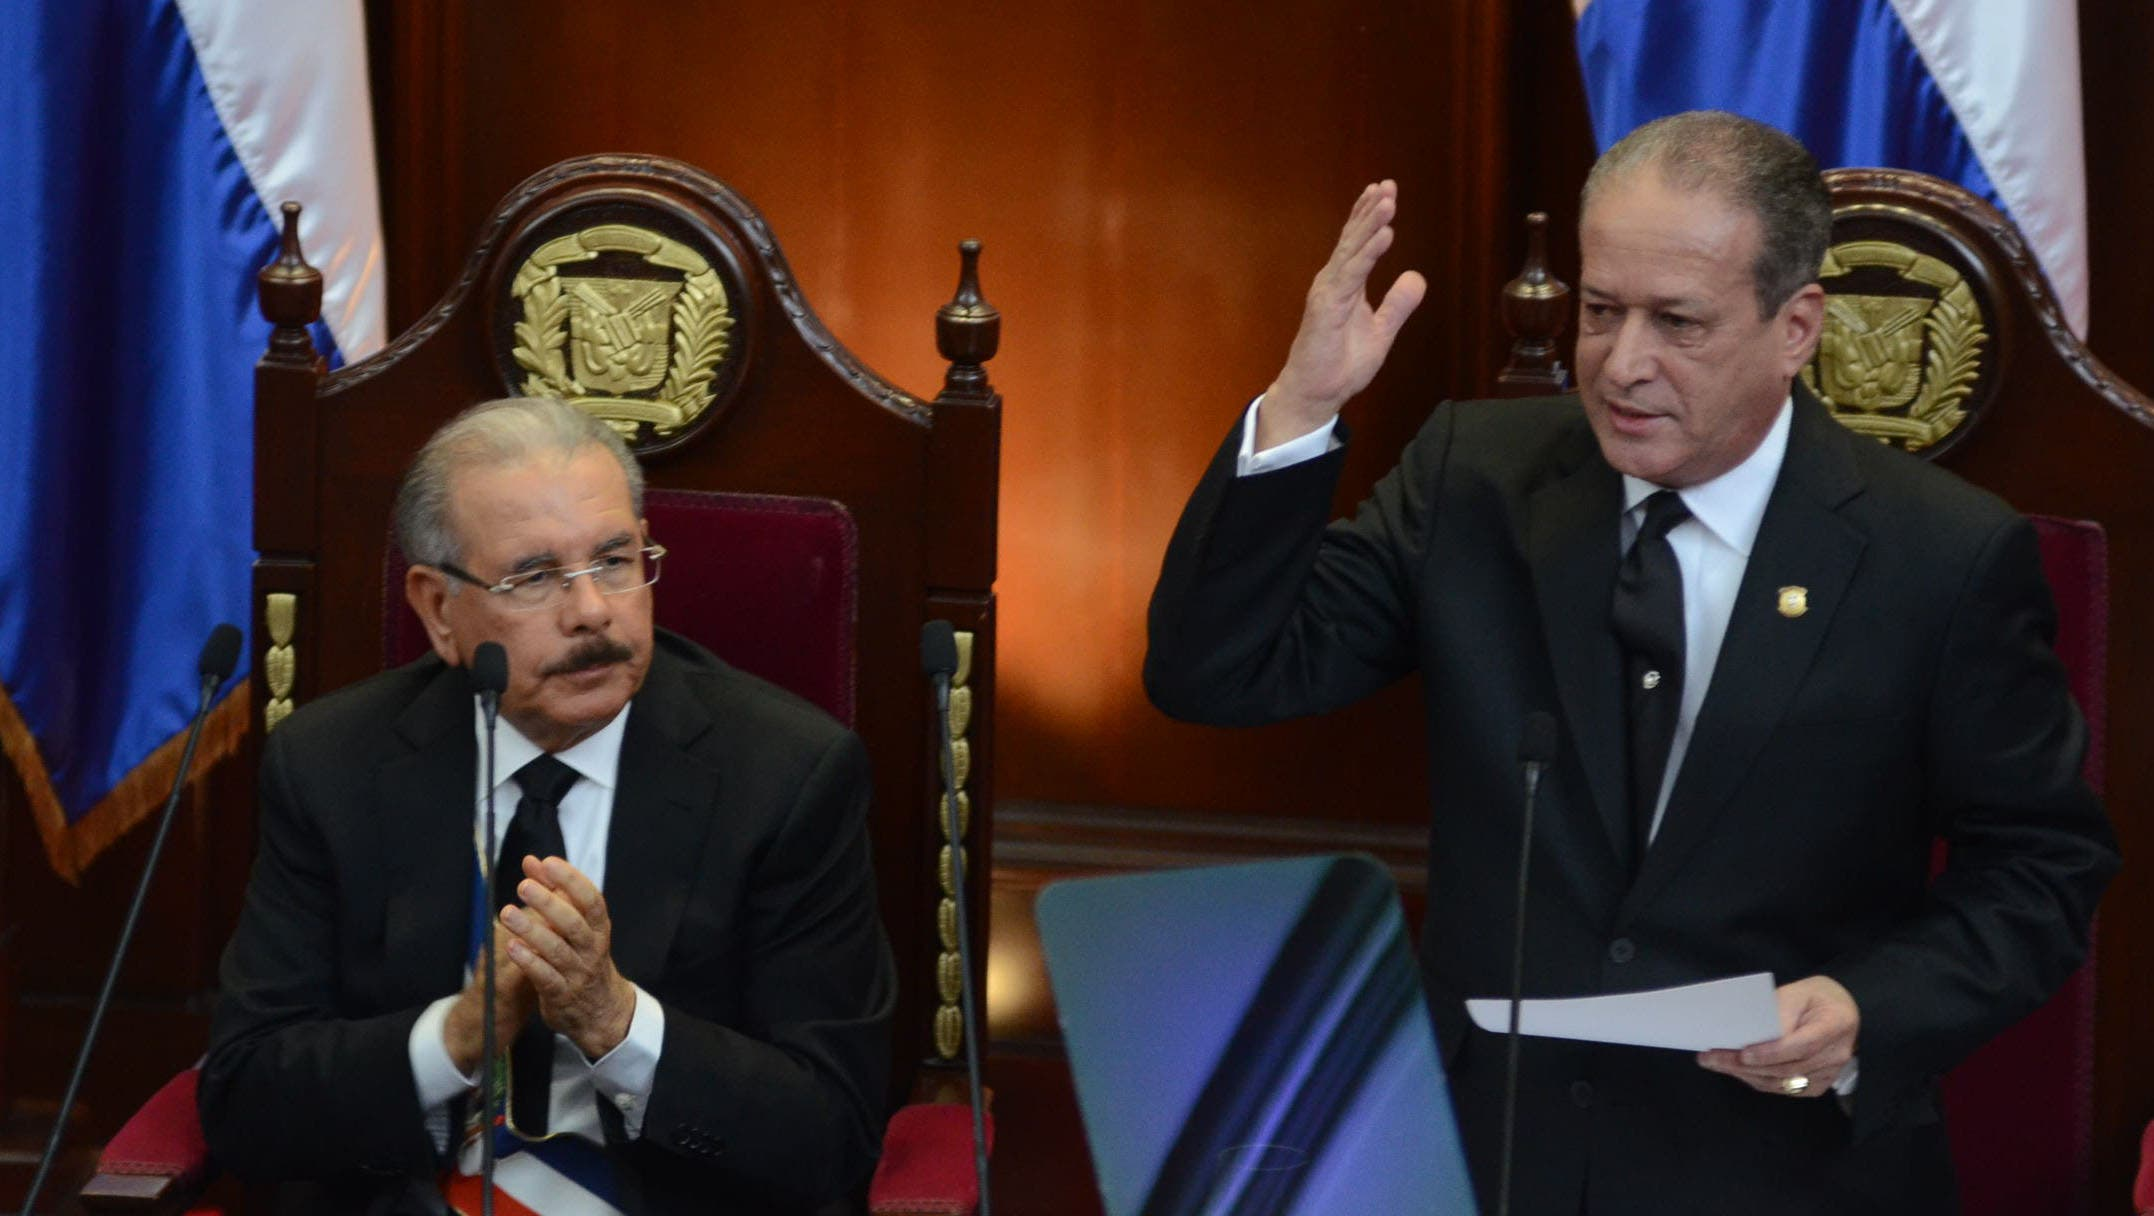 9. El presidente del Senado, Reinaldo Pared Pérez,  pronuncia su discurso en la Reunión Conjunta de las Cámaras Congresuales. Foto José de León.